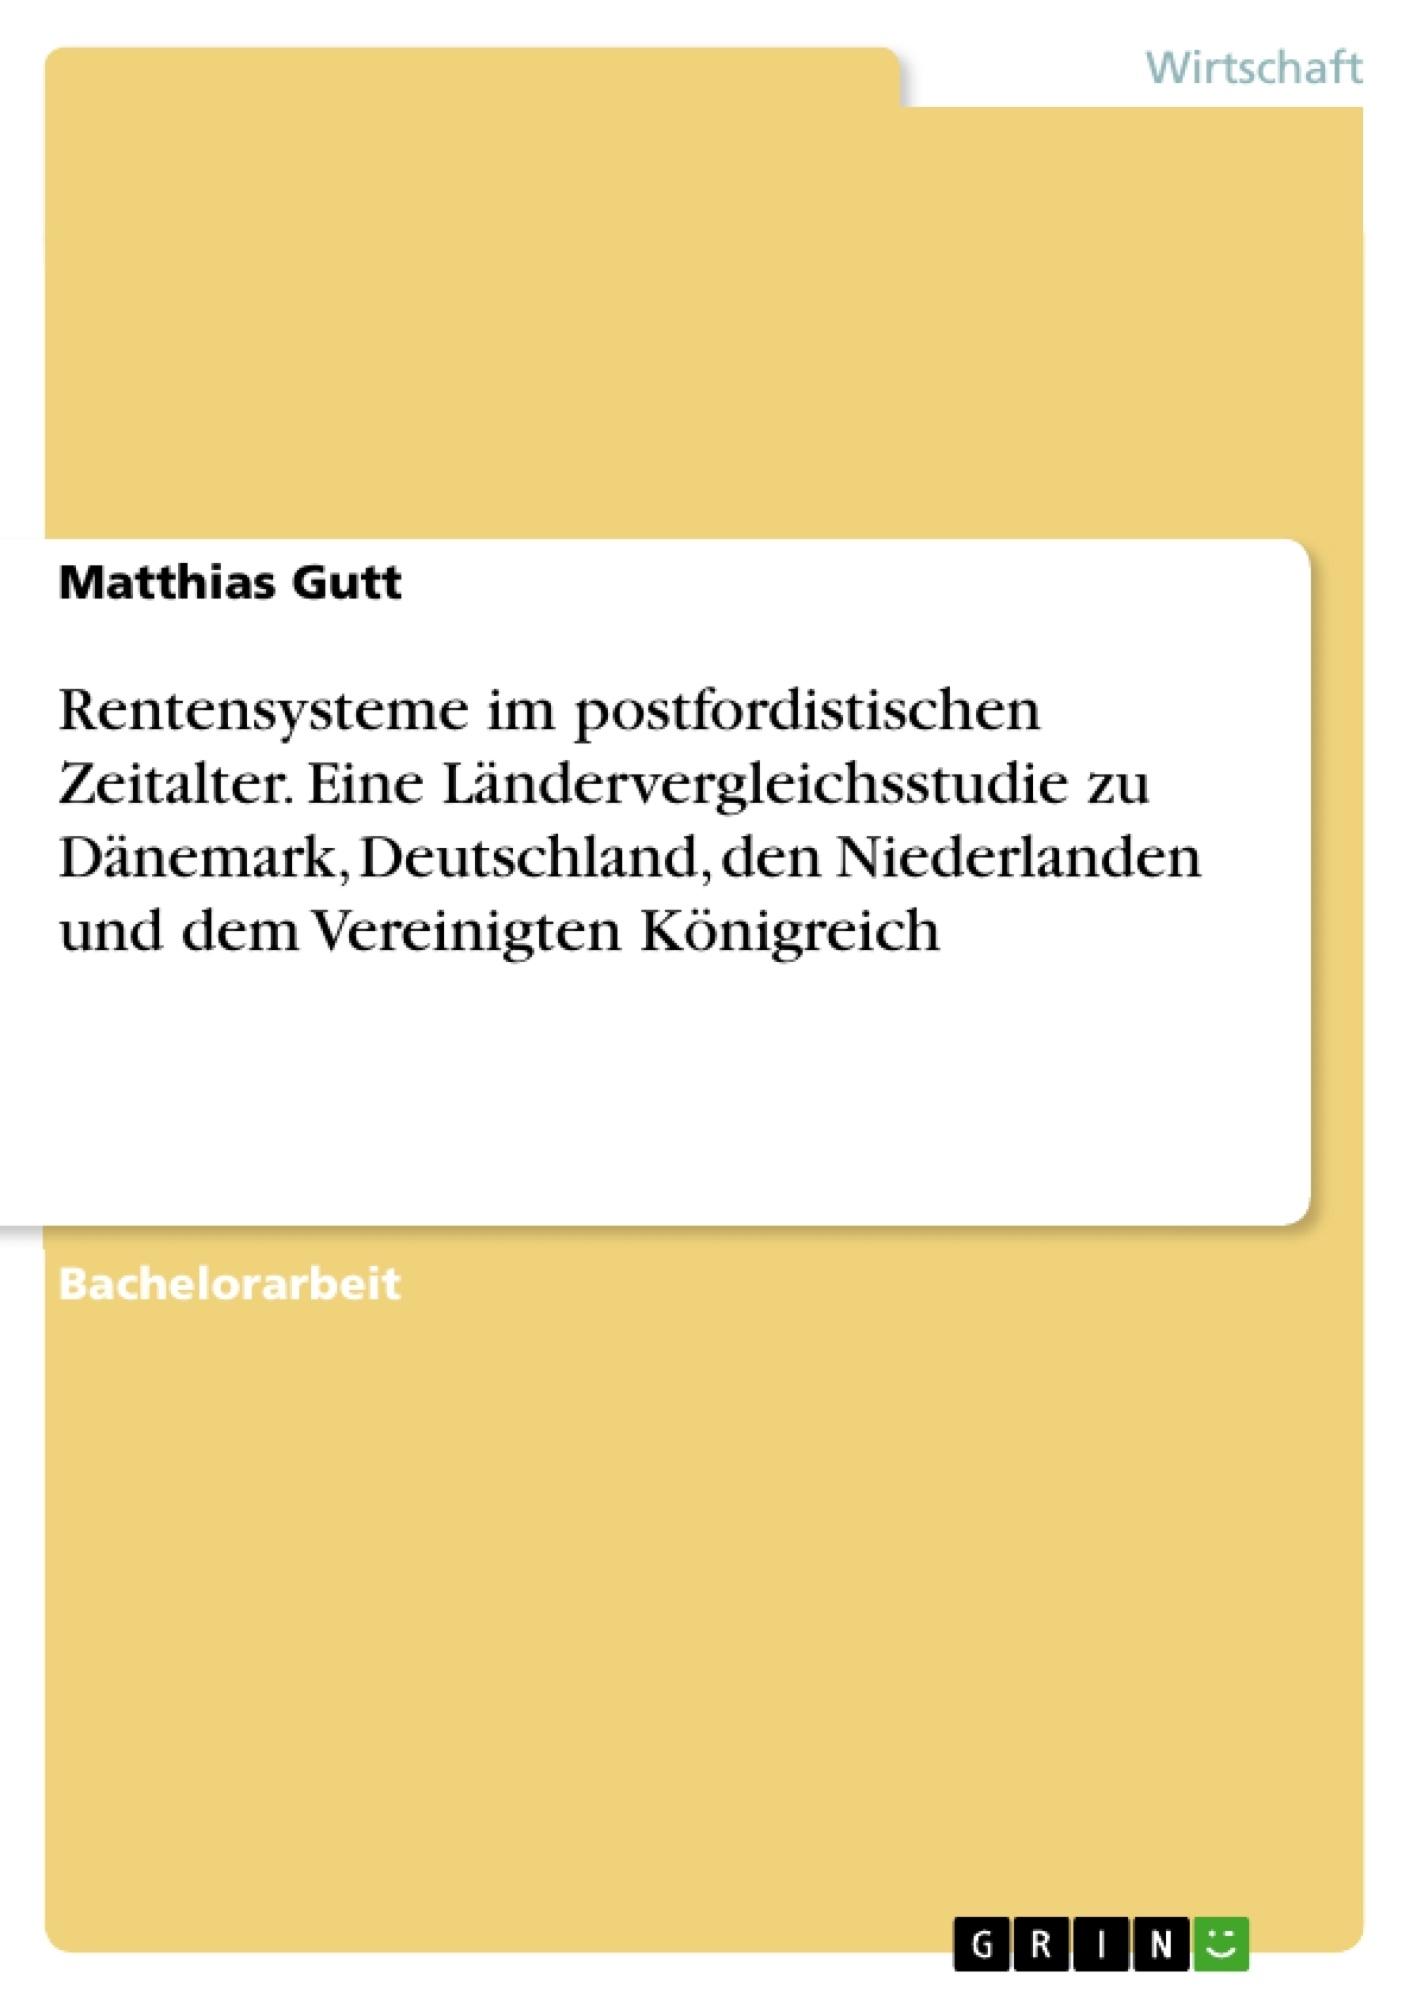 Titel: Rentensysteme im postfordistischen Zeitalter. Eine Ländervergleichsstudie zu Dänemark, Deutschland, den Niederlanden und dem Vereinigten Königreich